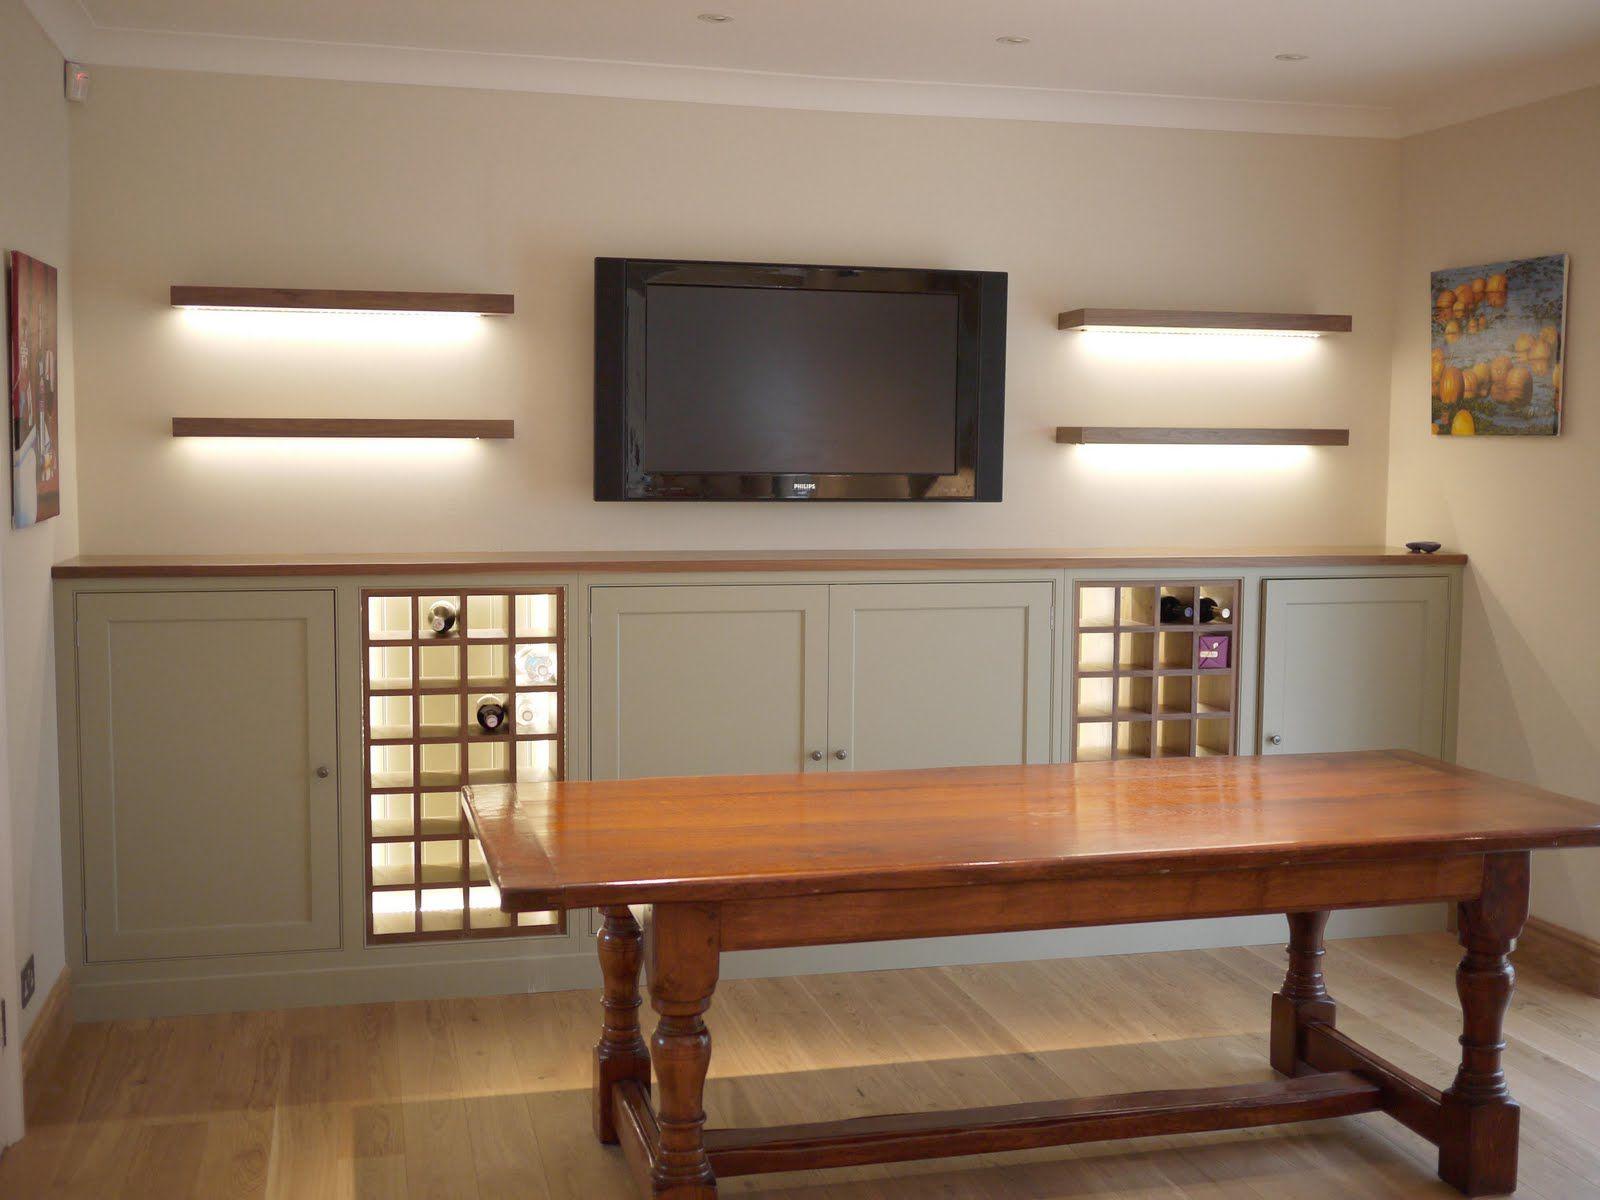 Kitchen Cabinet Colour Idea F B French Grey Walls Are F